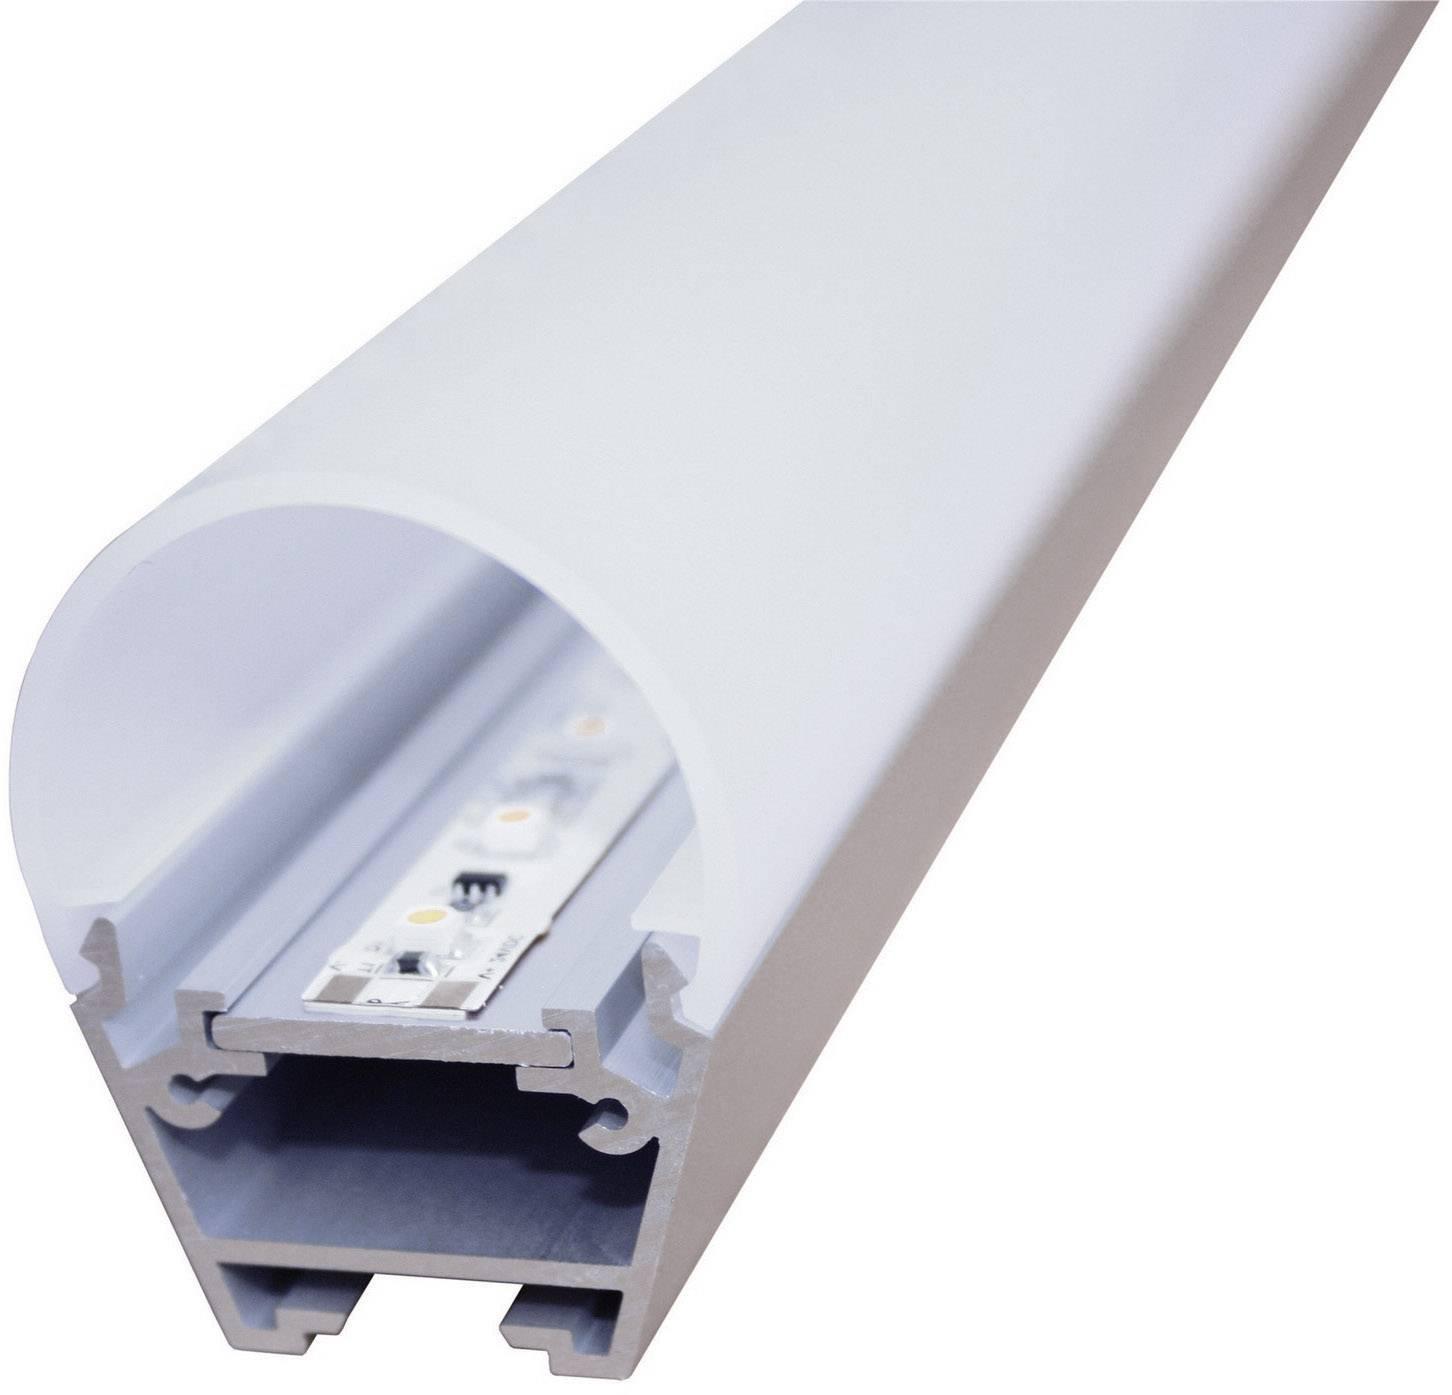 Příslušenství pro světelný LED pásek